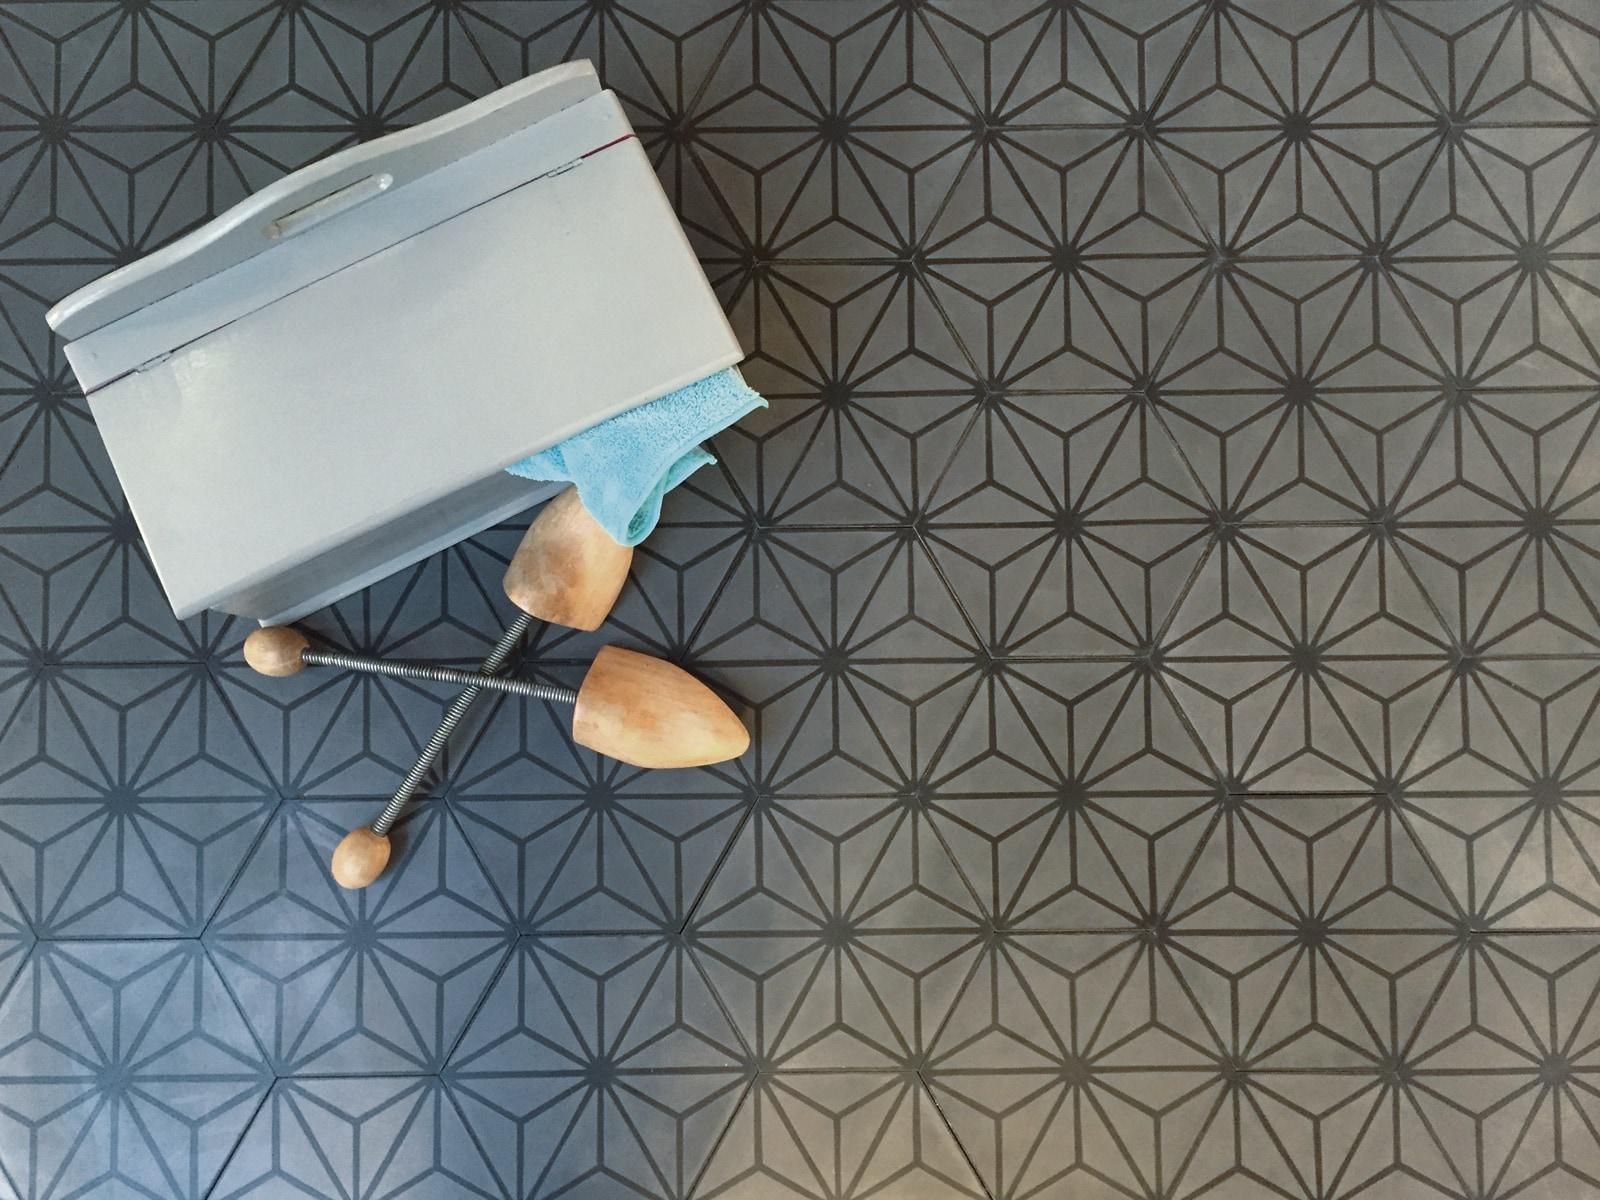 zementmosaikplatten-secheckplatte-nr-600661-flur-viaplatten | 600661